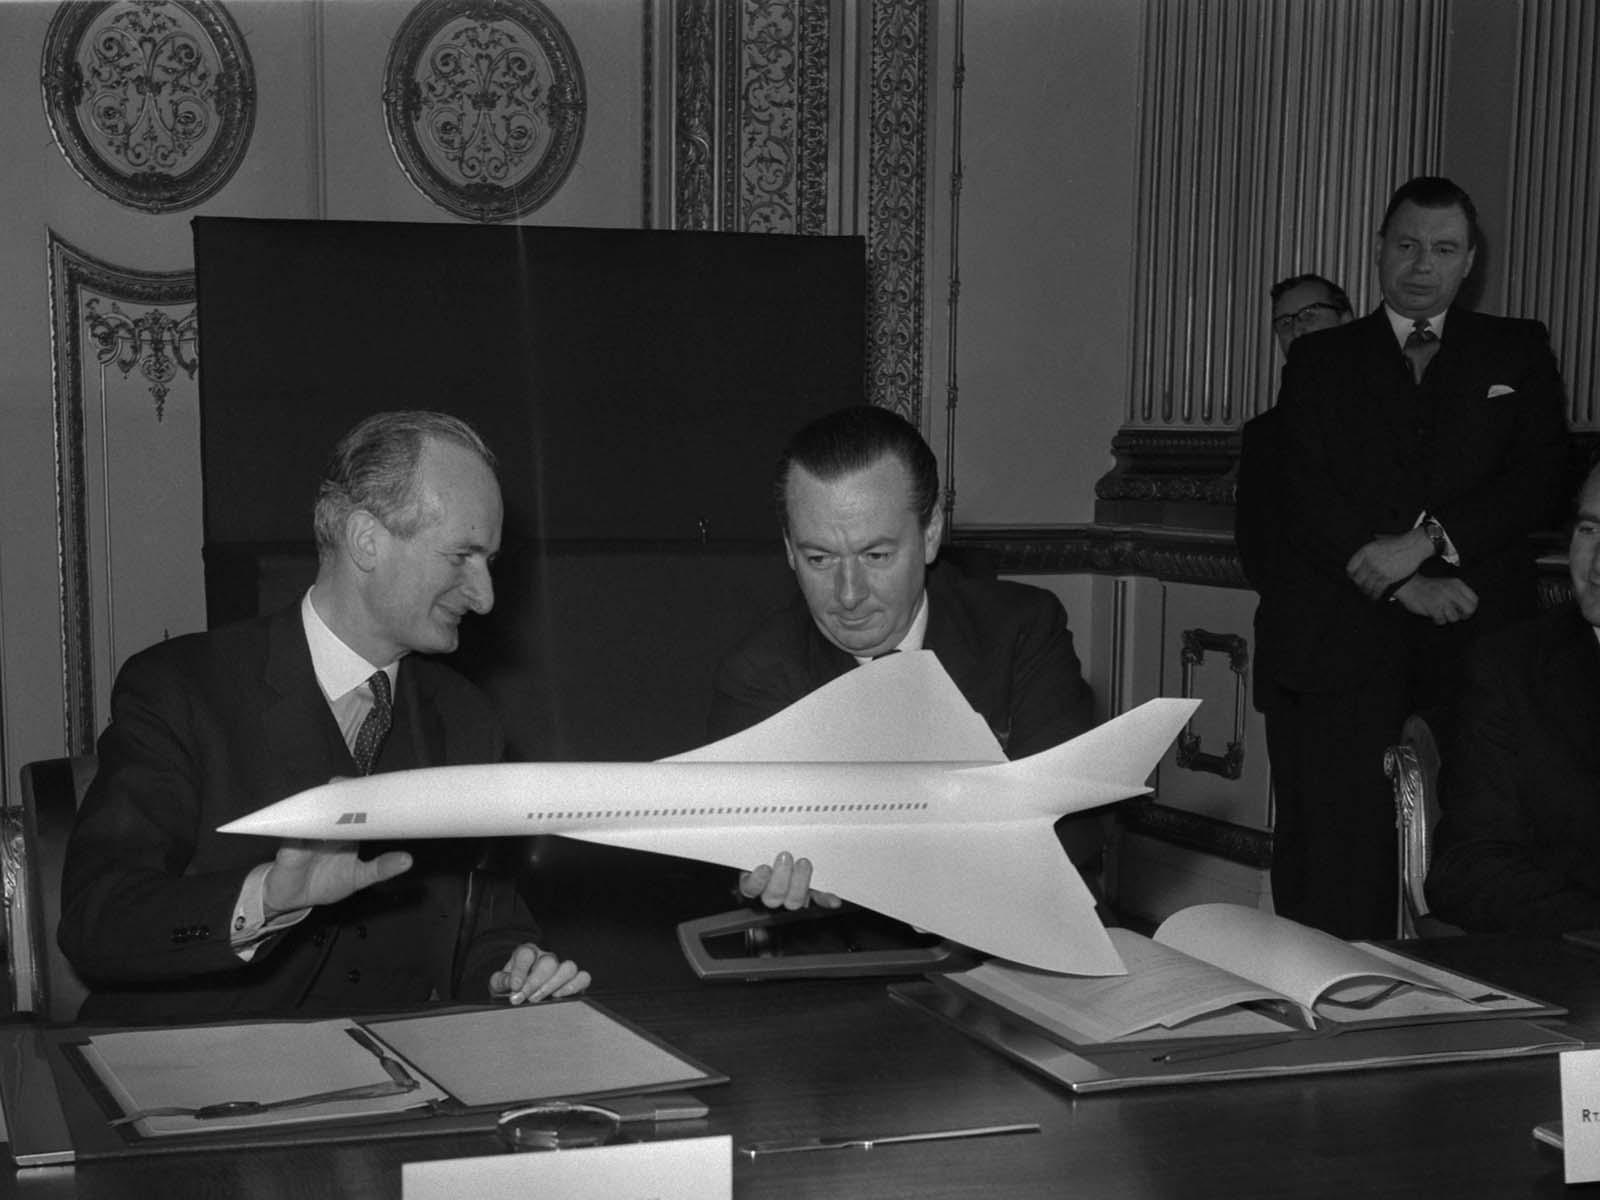 1962. november 29-én Franciaország és Nagy-Britannia kormánya megegyezéses megállapodást írt alá egy szuperszonikus sugárhajtású repülőgép felépítéséről, innen származik a repülőgép neve: Concorde.